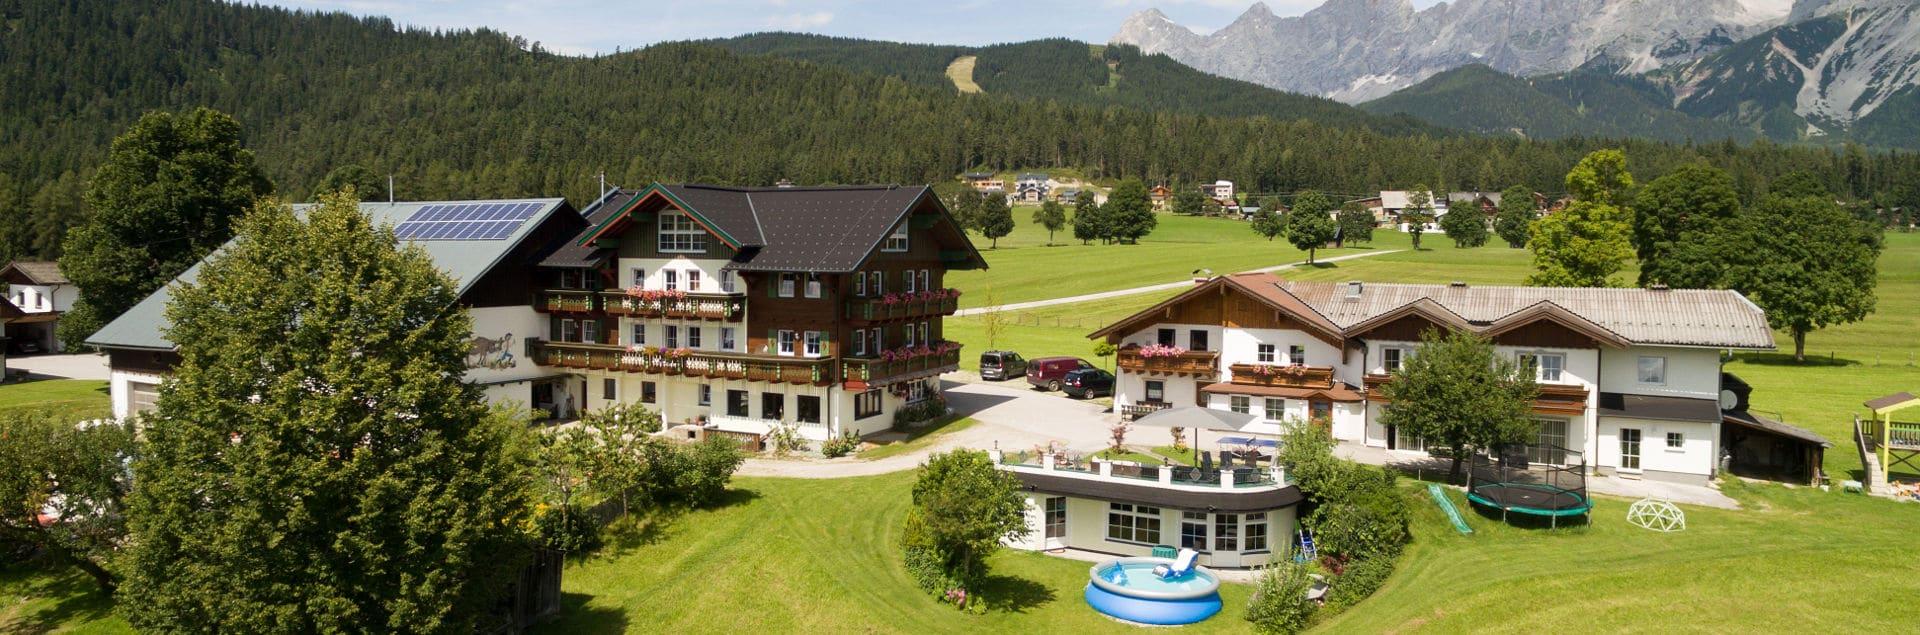 Astlhof-Ansicht